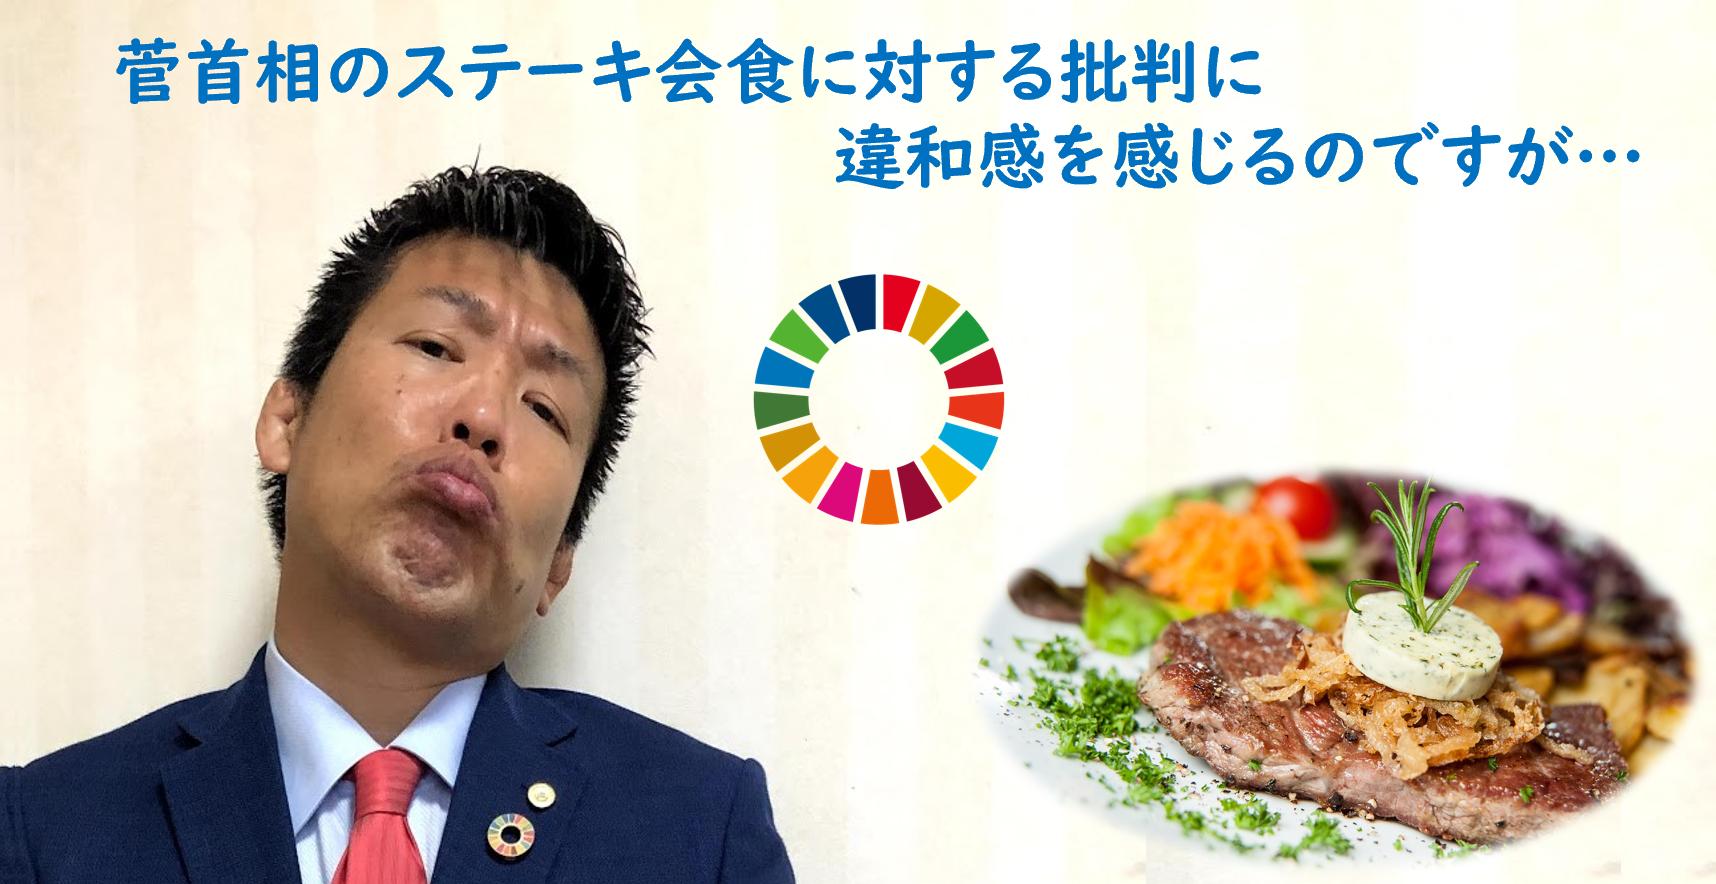 菅首相ステーキ会食